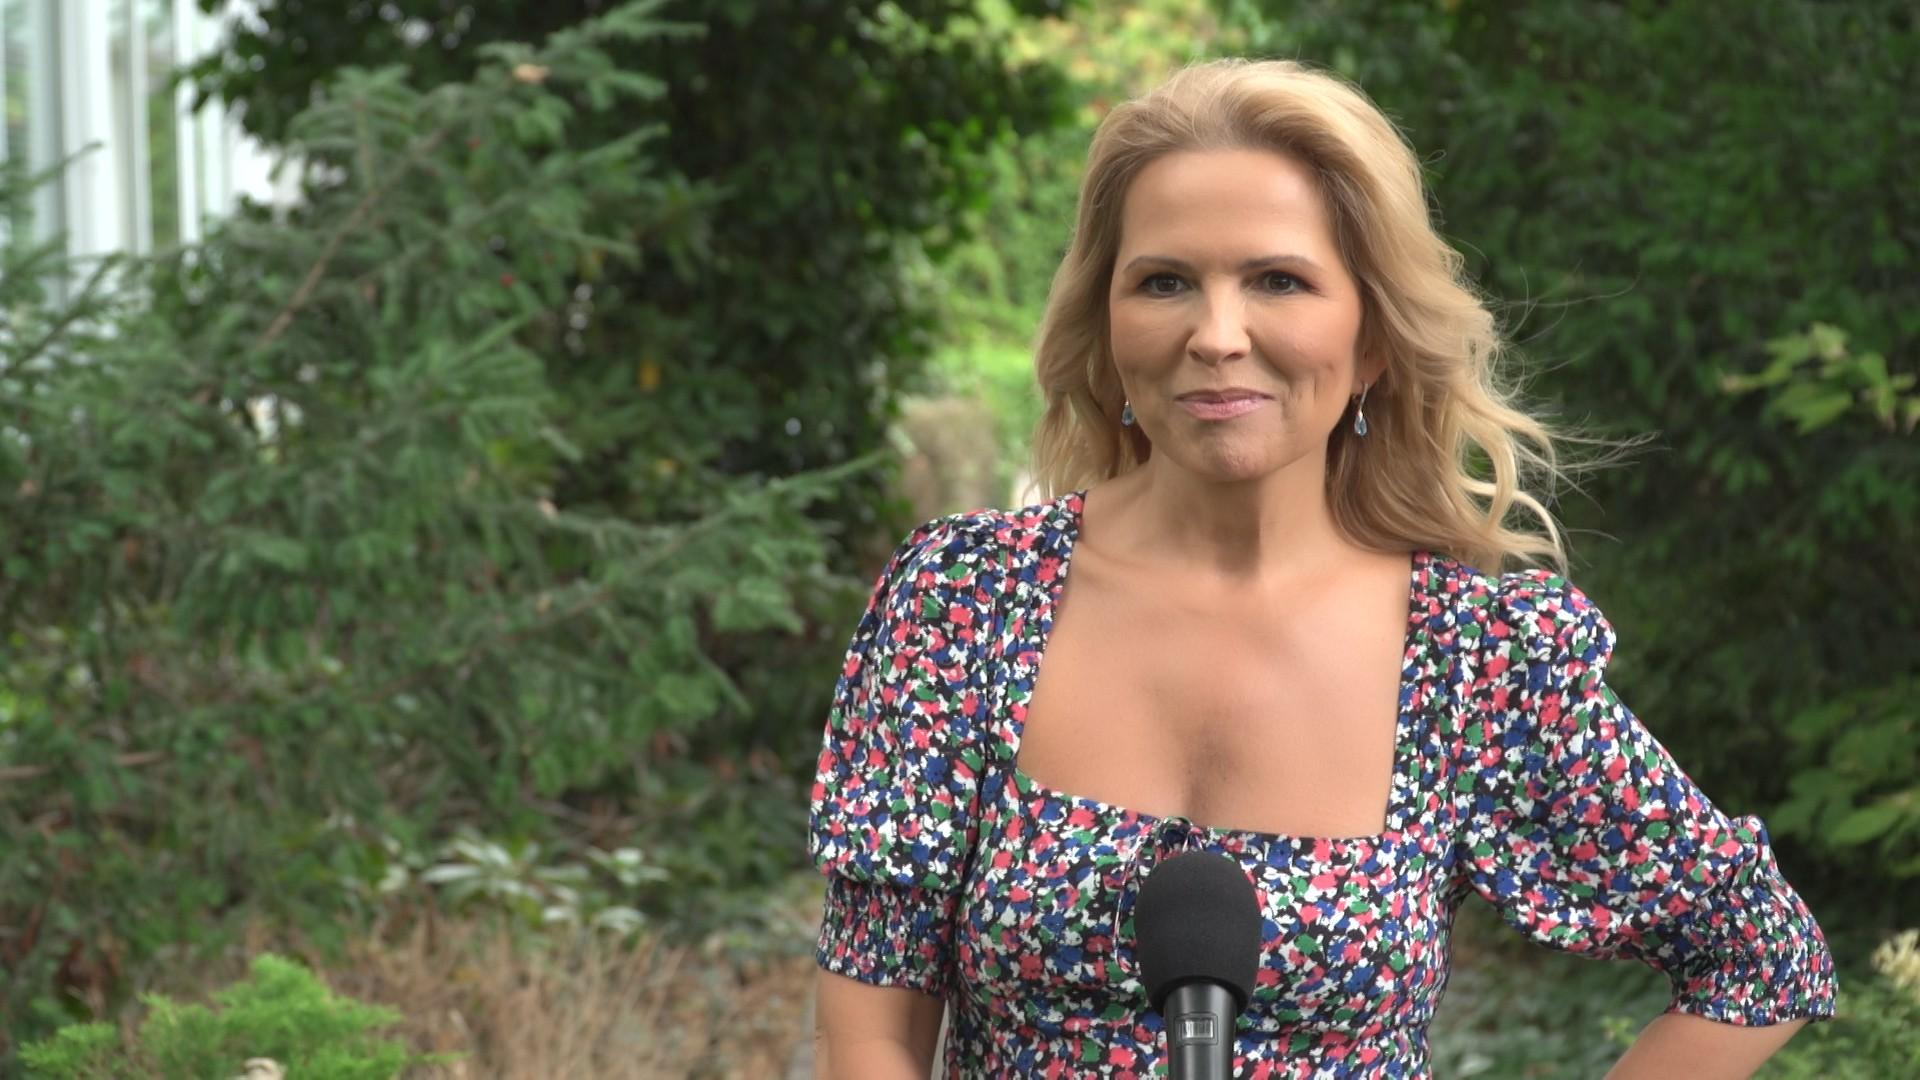 Anna Jurksztowicz: Nie jem zbóż, ponieważ brakuje mi enzymów je trawiących. Mój sekret wyglądu to pogoda ducha